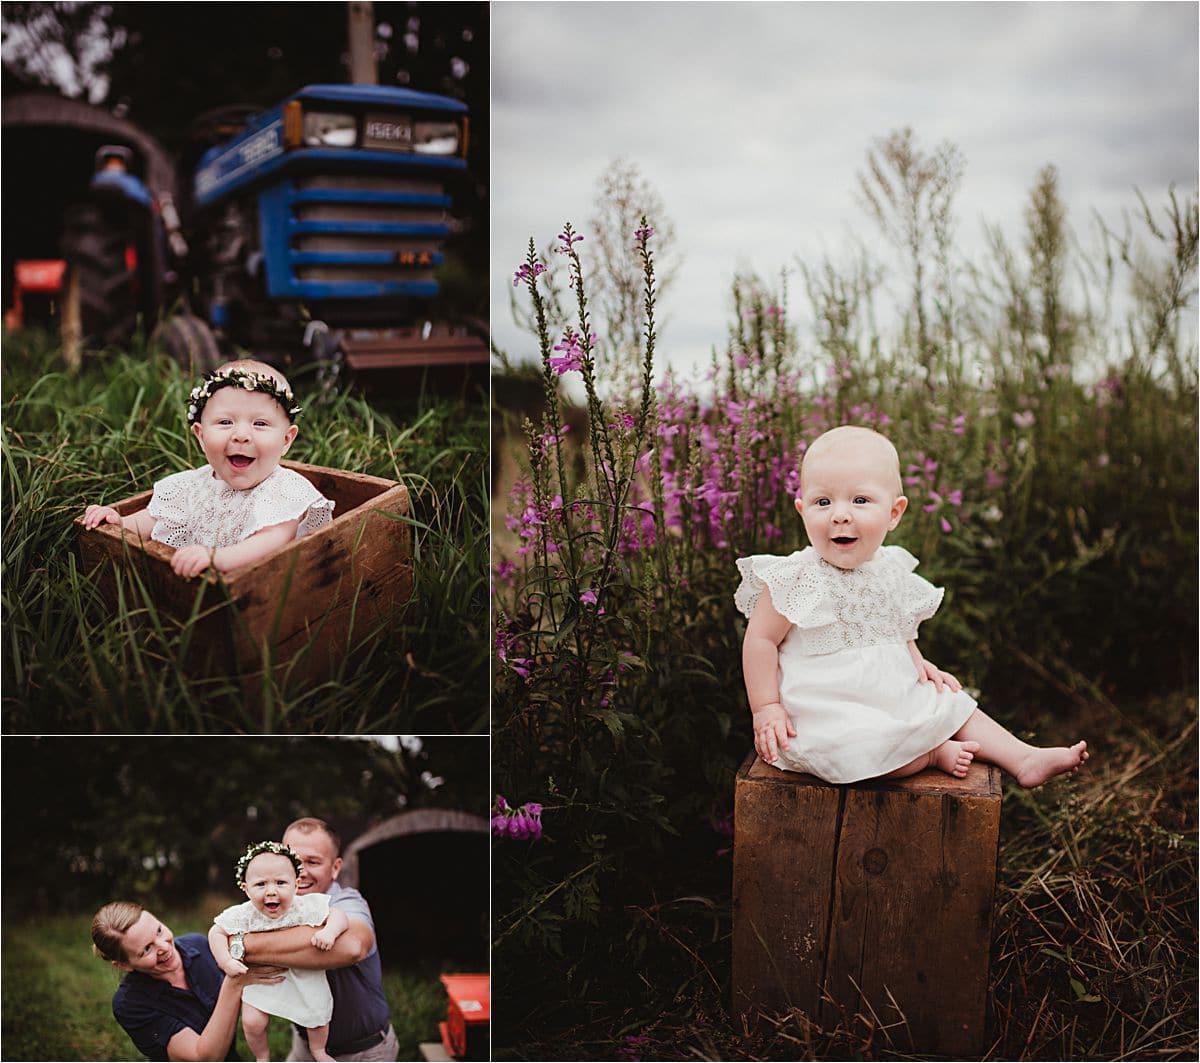 Baby Girl in Flower Field